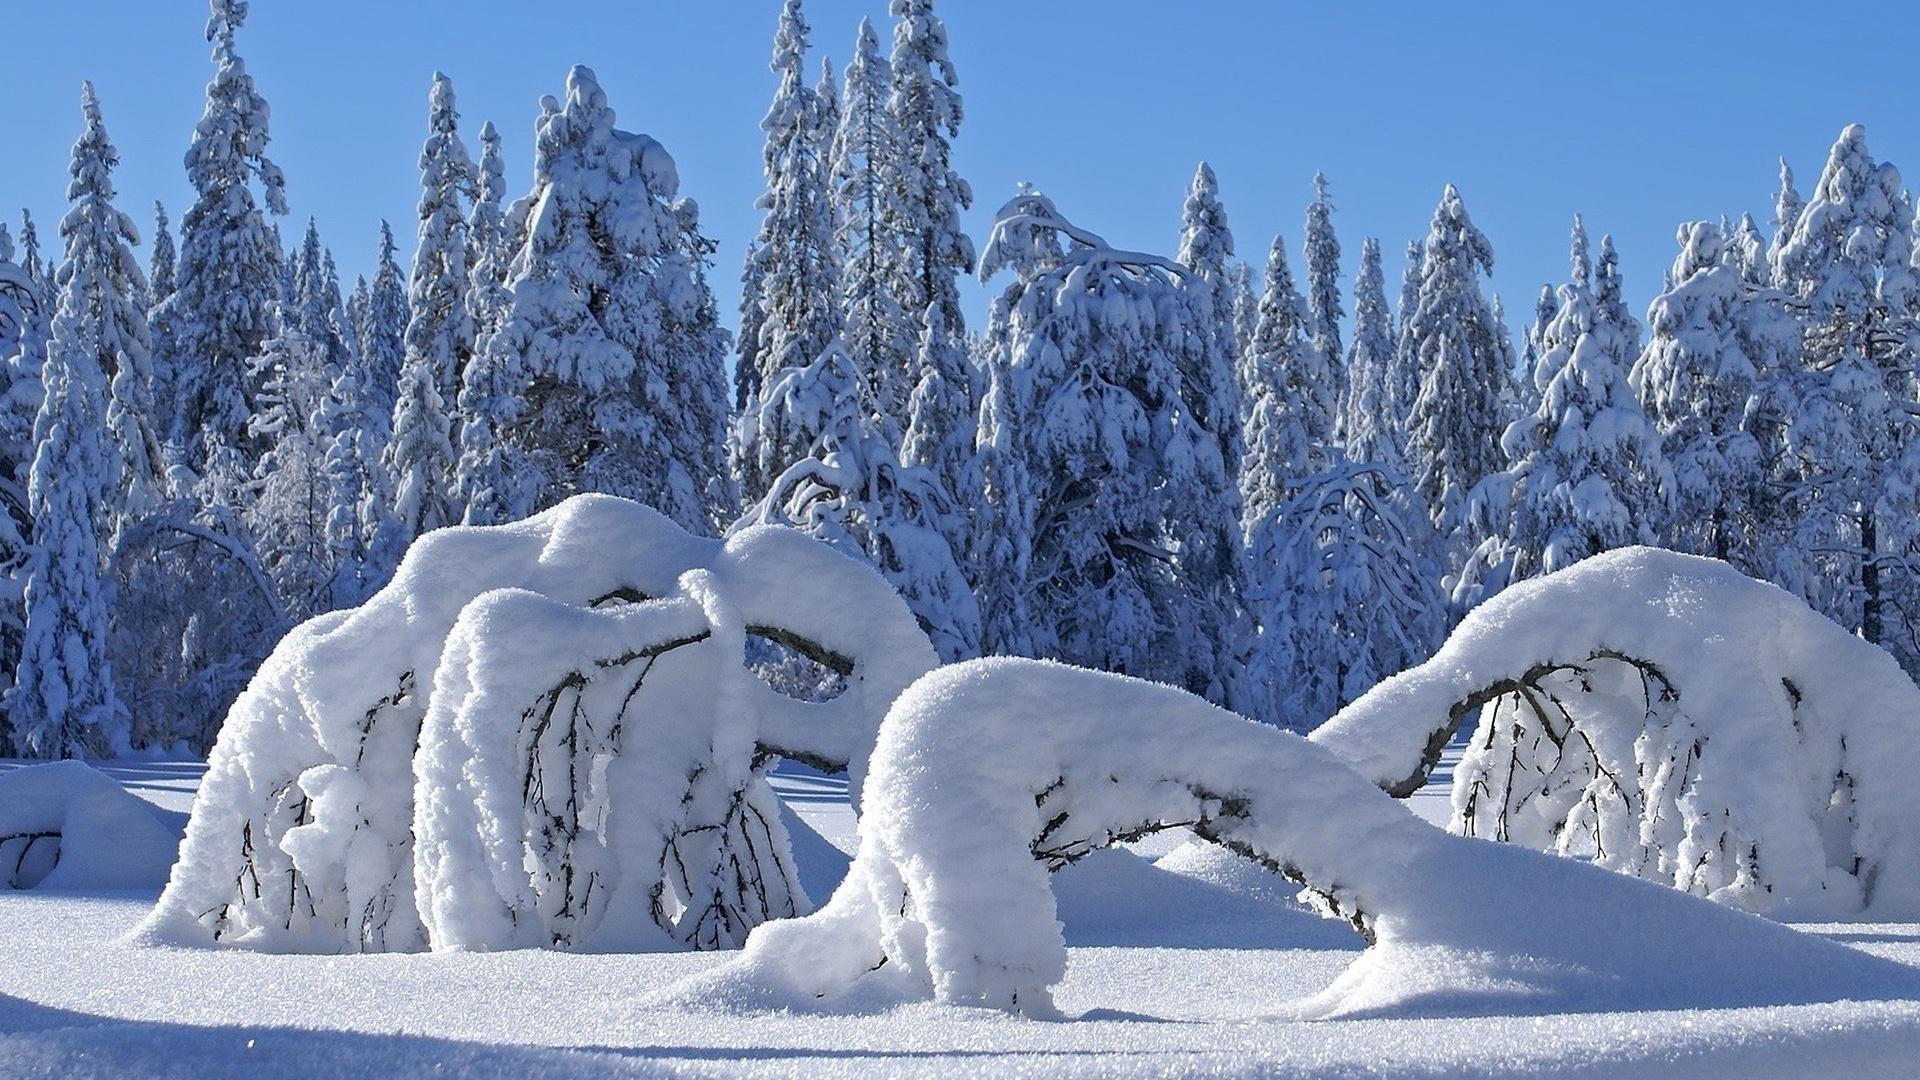 снежная красота в картинках вкусное мясо можно